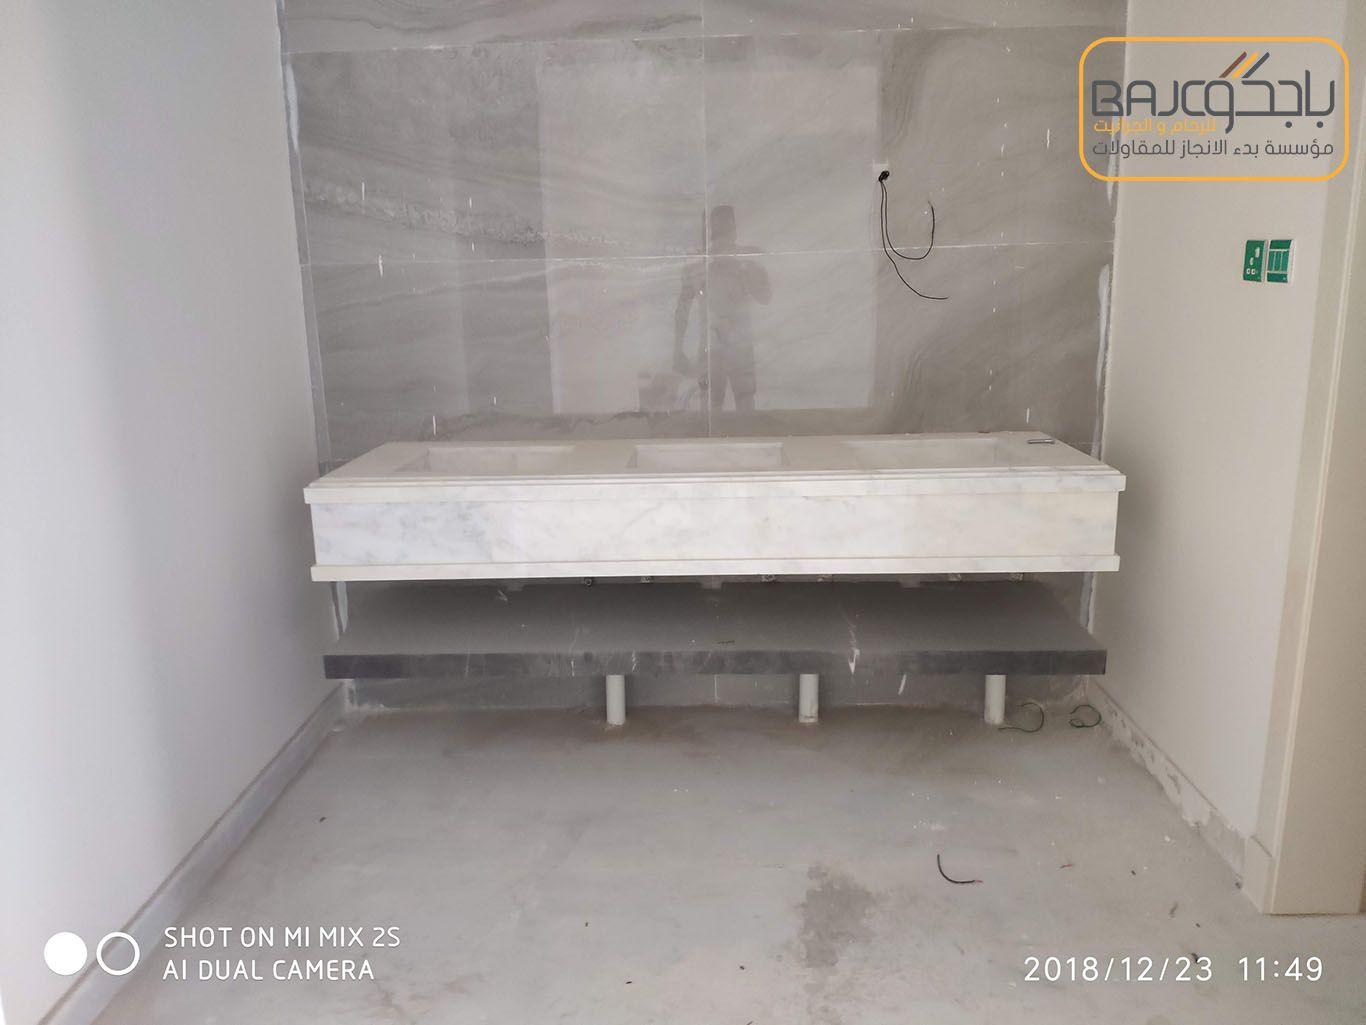 مغاسل شلال Storage Bench Home Decor Decor